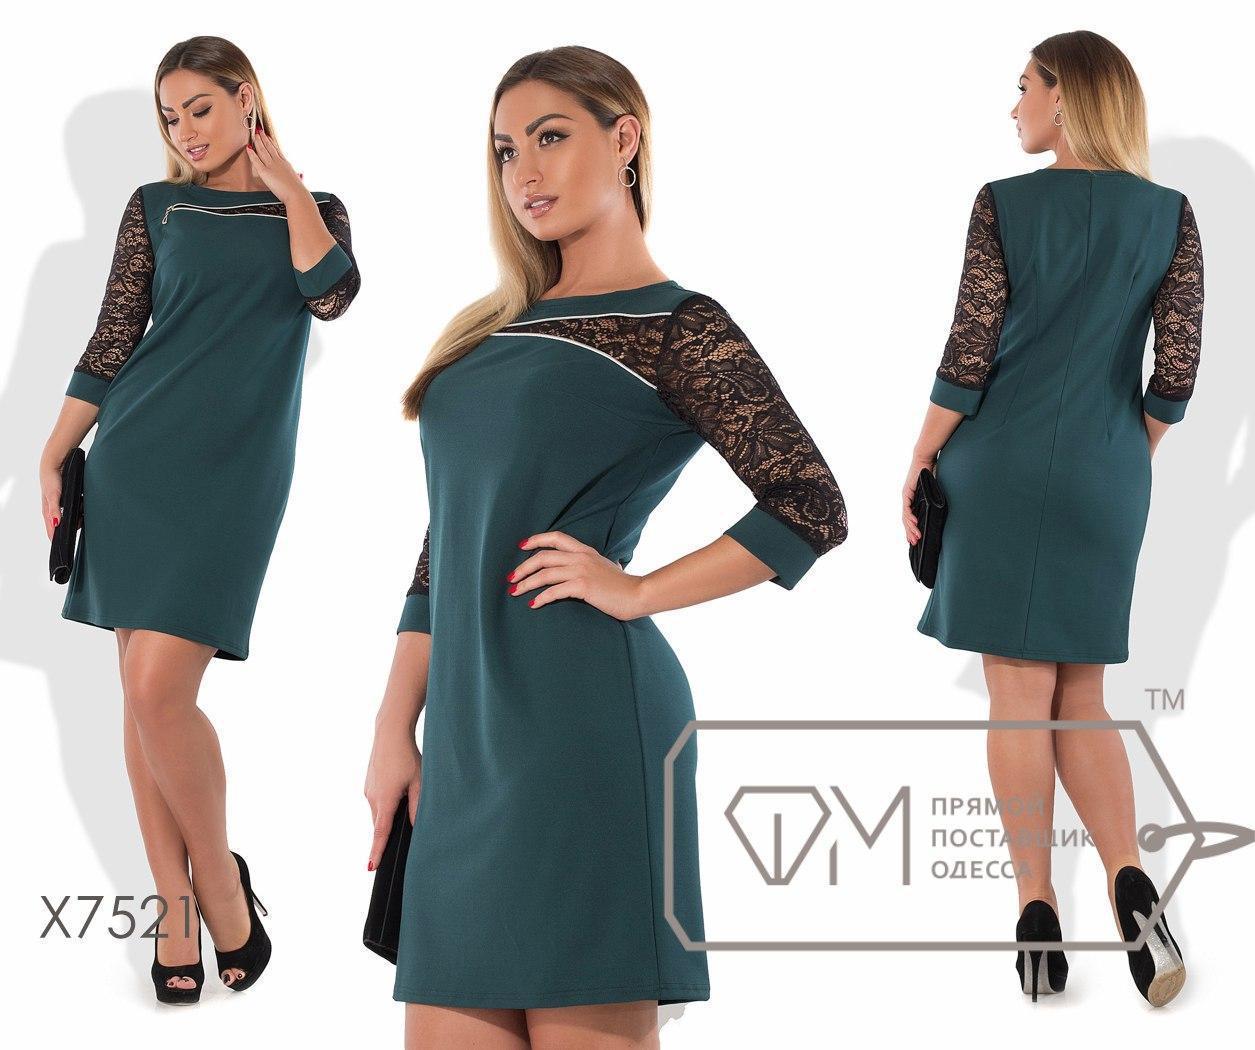 Прямое платье в больших размерах с гипюровыми рукавами fmx7521